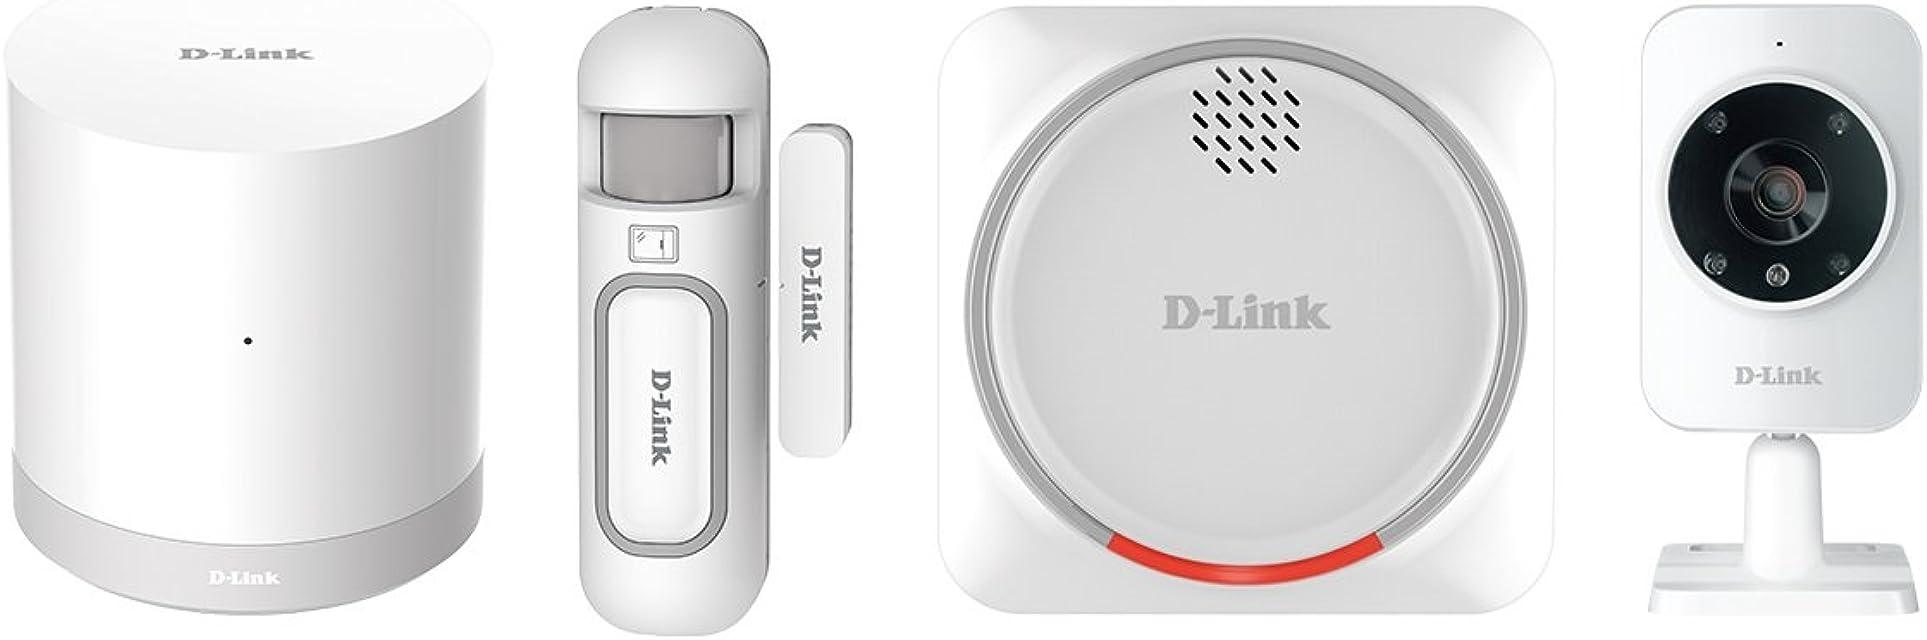 D-Link DCH-107KT - Kit Seguridad domótica WiFi Z-Wave Sirena Sensor de Apertura hub WiFi Z-Wave y cámara de vigilancia por App Gratuita mydlink Home para iOS y Android